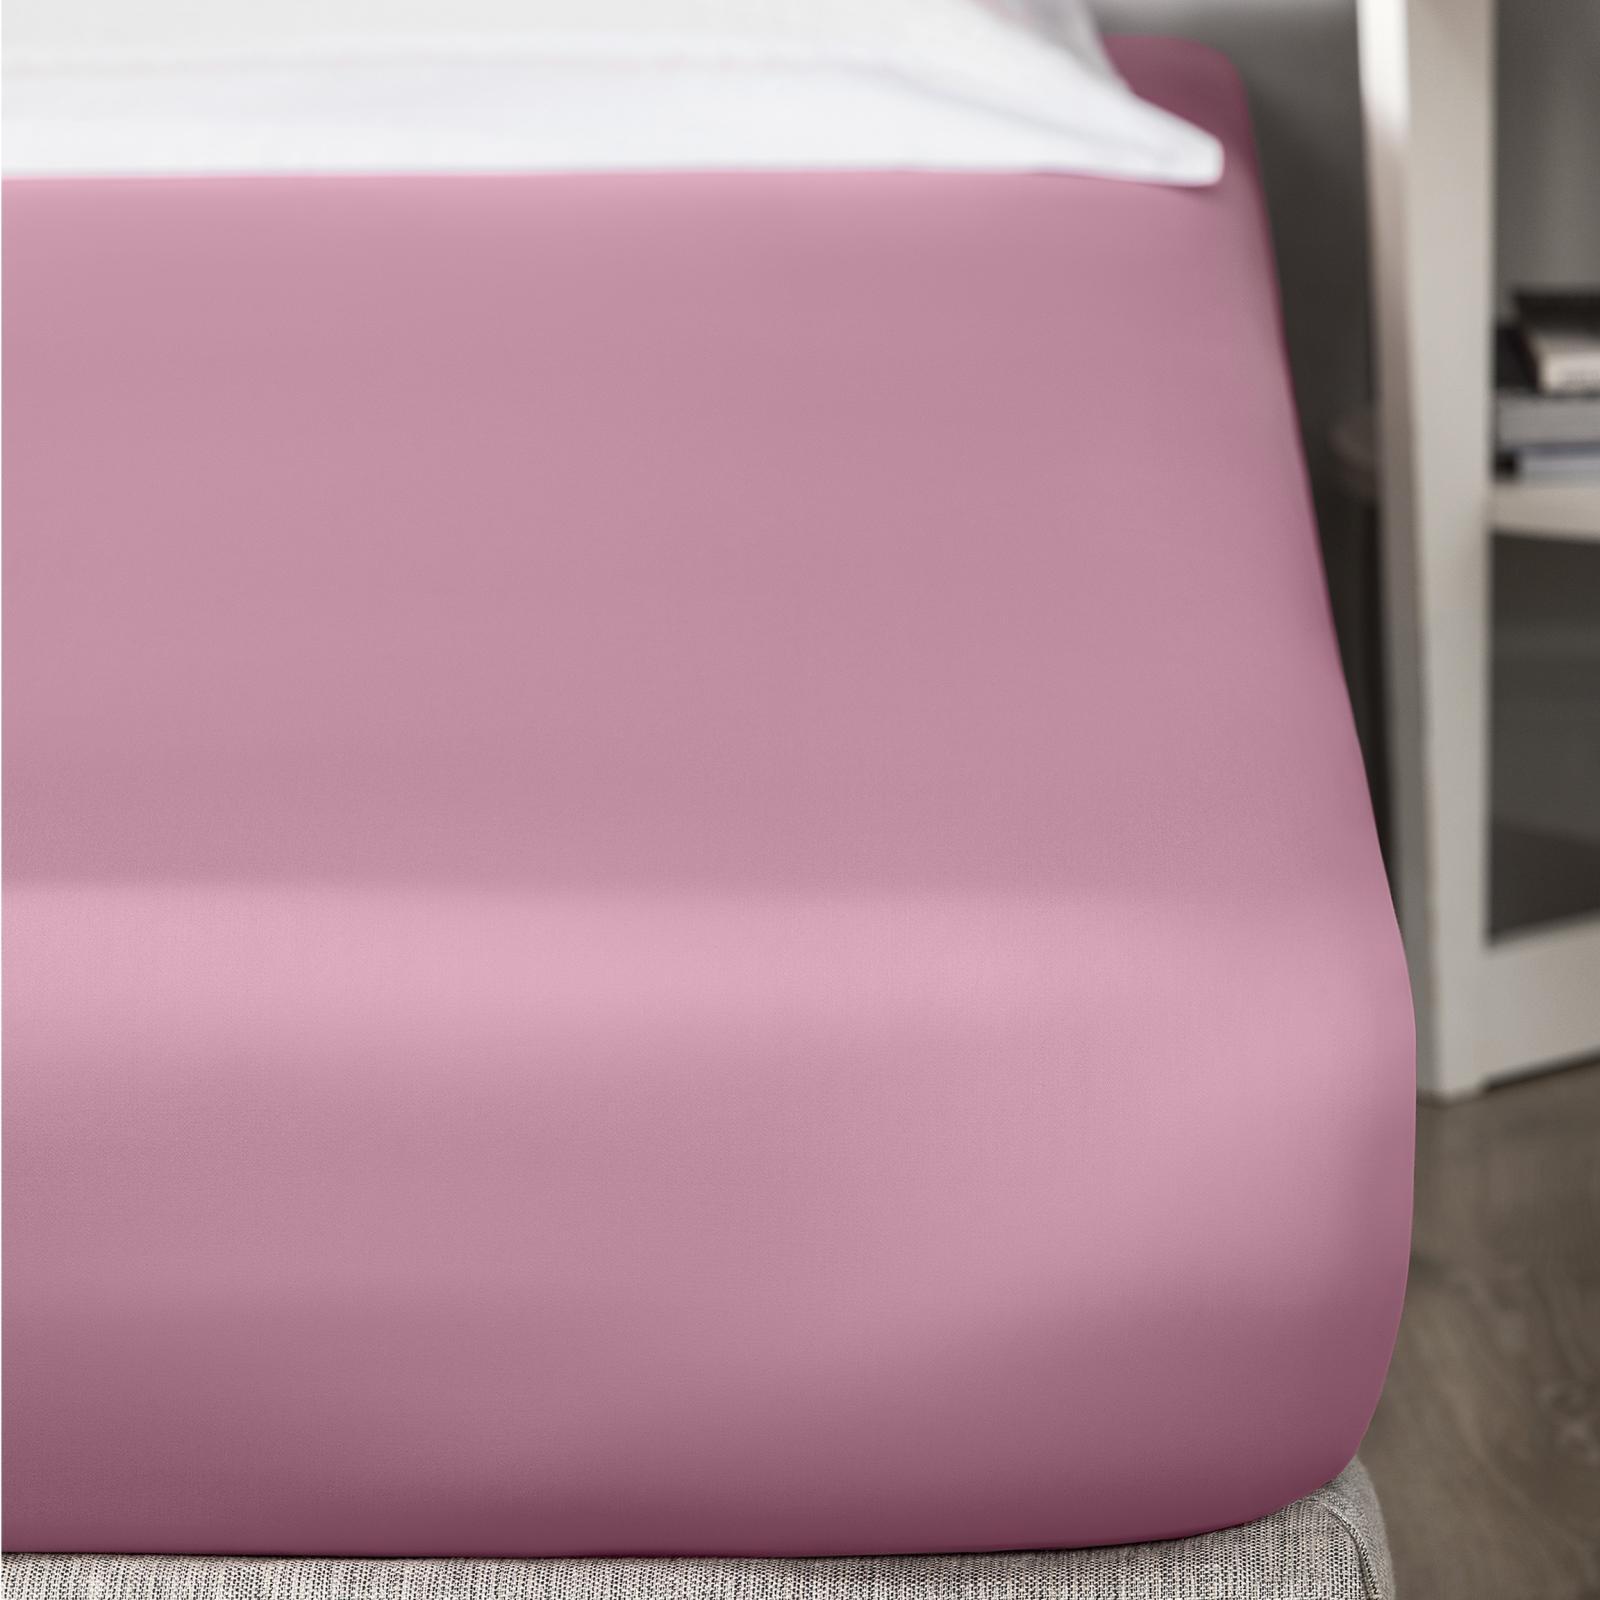 простыня тексдизайн на резинке цвет розовый Простыня на резинке Togas аквариус розовый 180х200+30